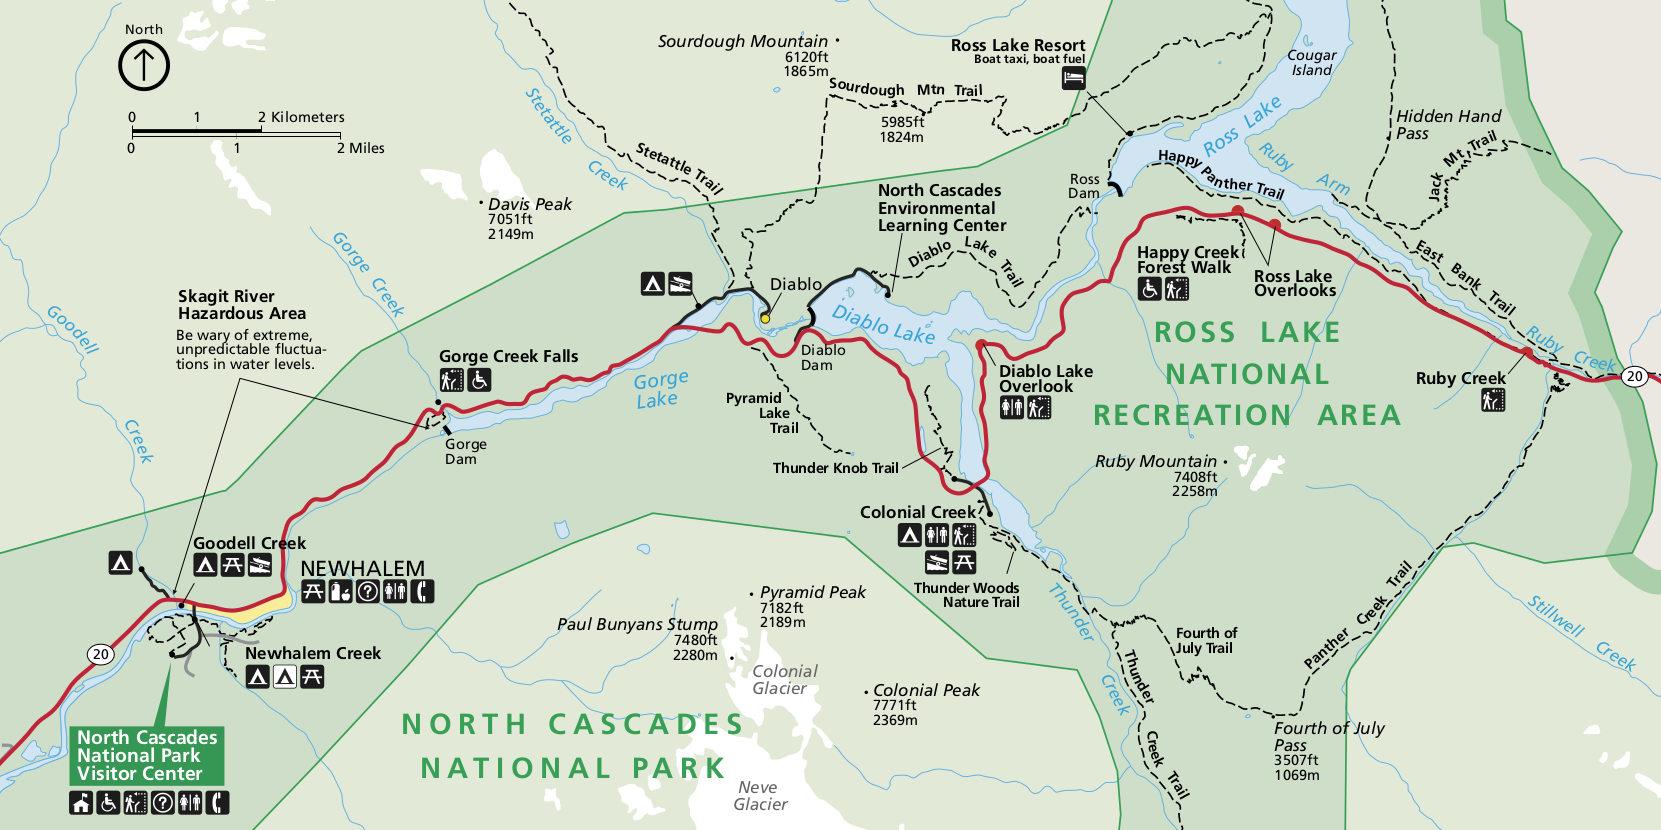 Nacionalnyj Park Nort Kaskejds Severnye Kaskady V Shtate Vashington